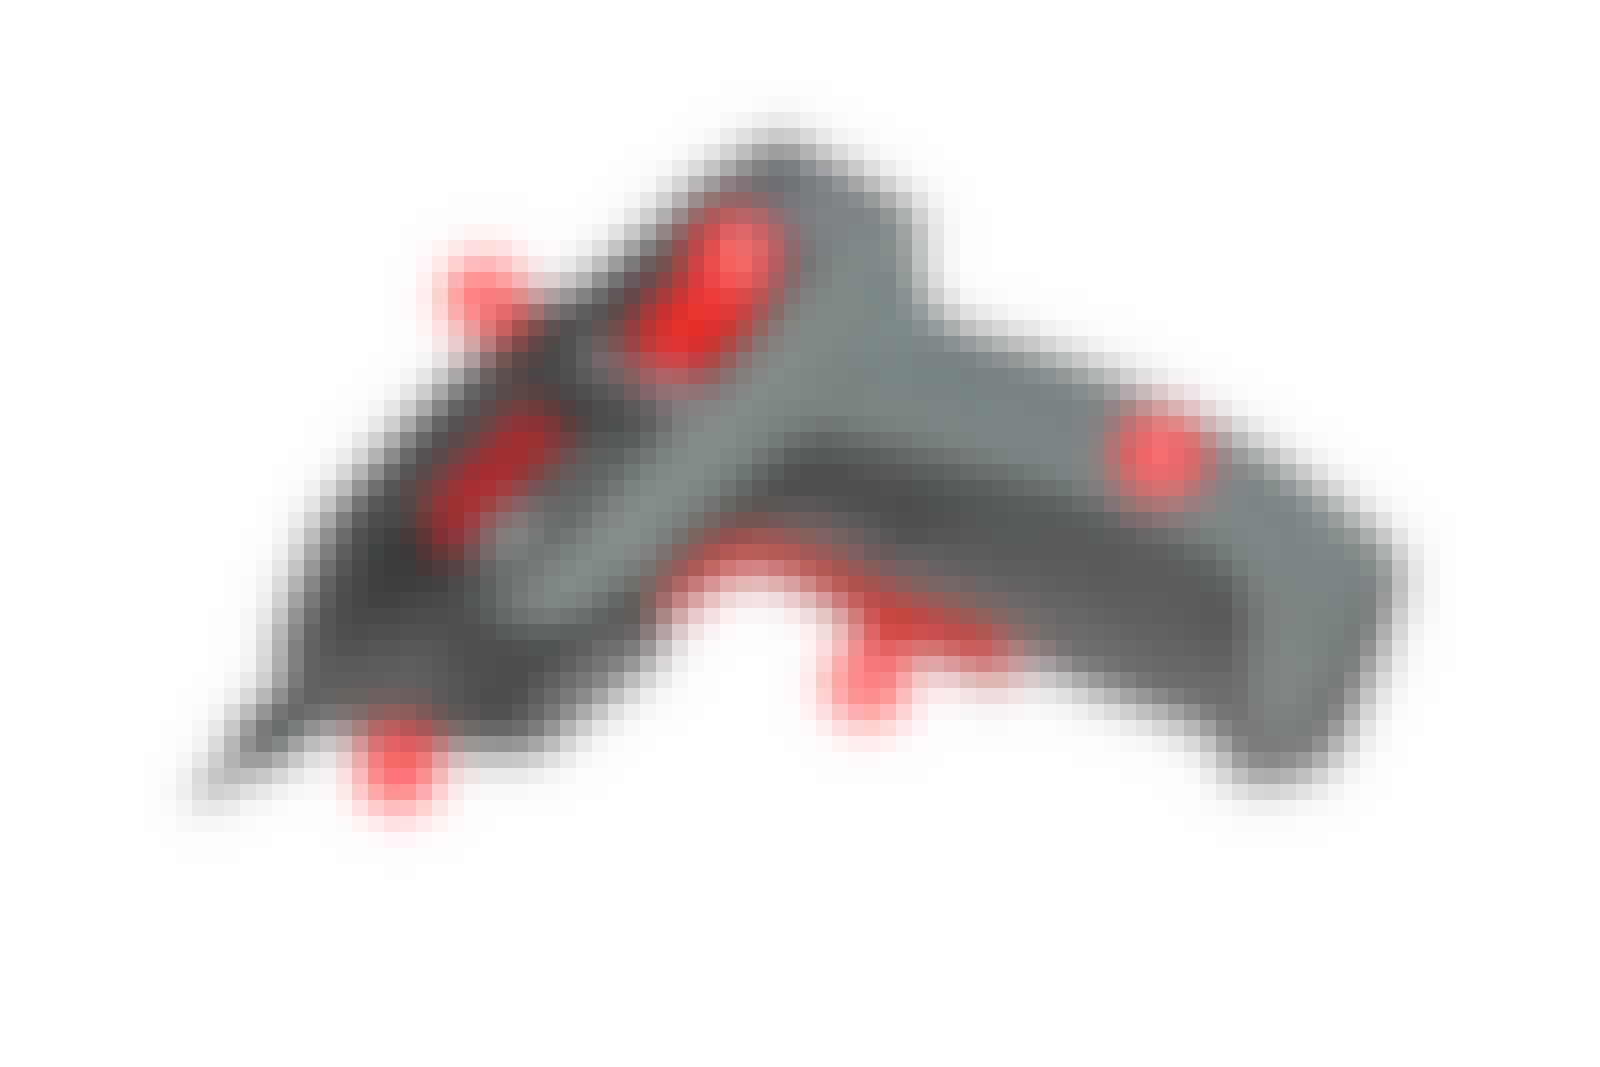 Lille skruemaskine: Det skal du være opmærksom på, når du anskaffer dig en lille skruemaskine